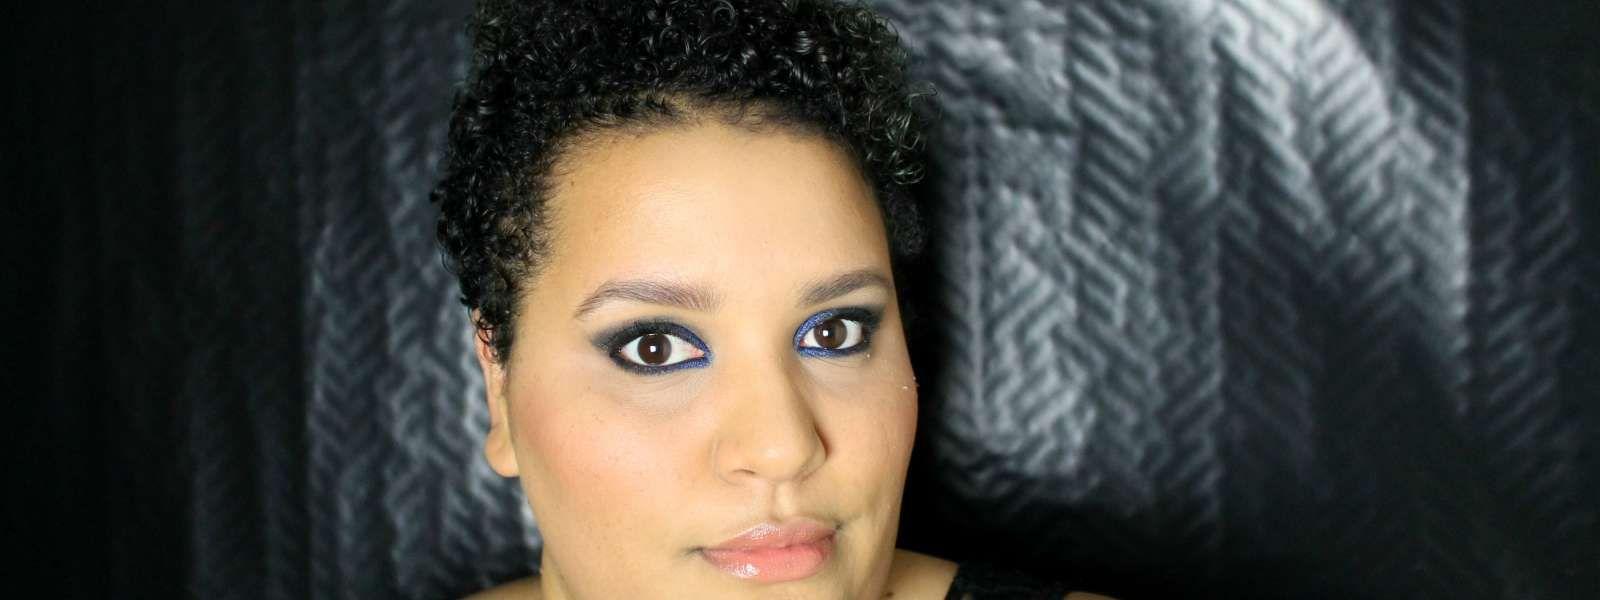 Lotw kristen stewartus cobalt smoky eye guys ium having a blue